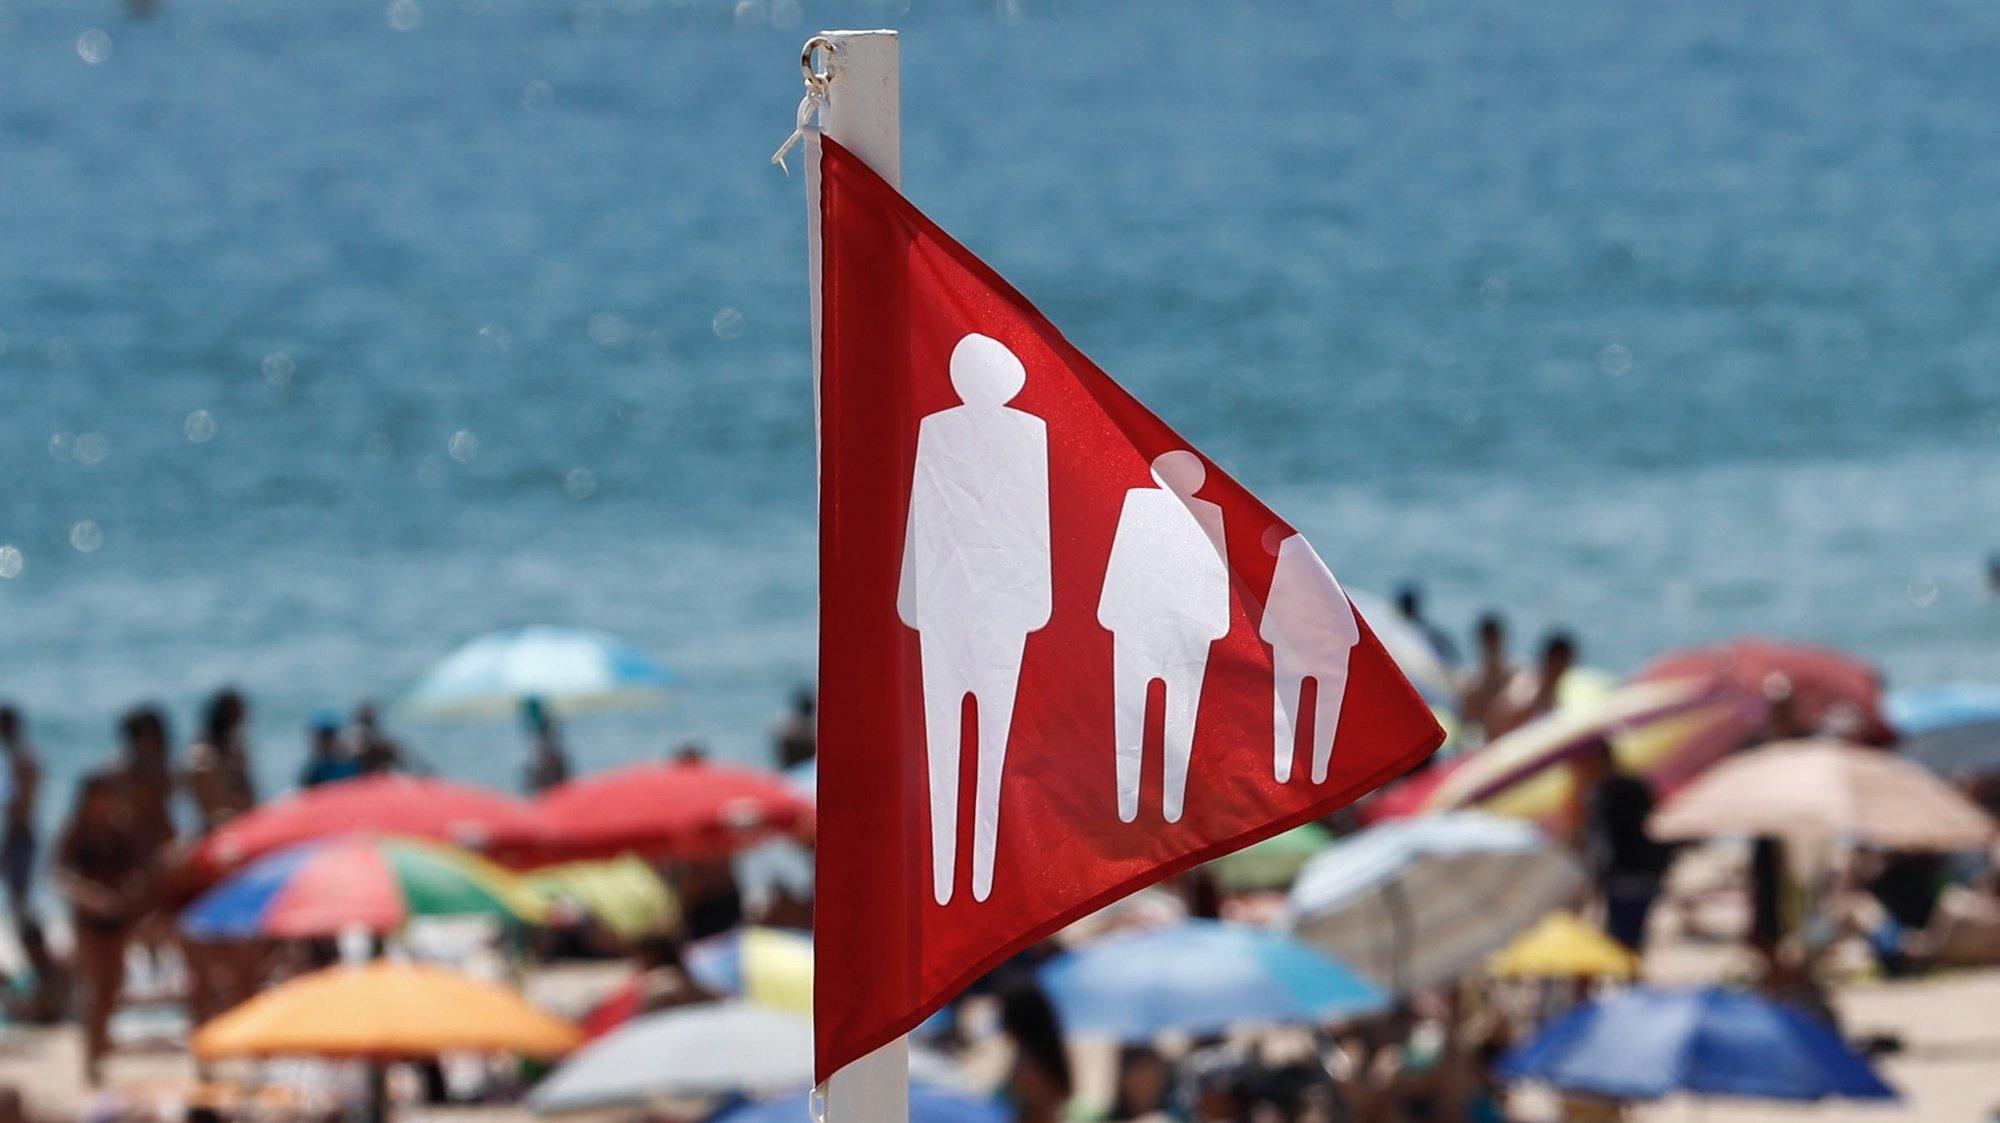 Mesmo com a bandeira vermelha hasteada correspondente à ocupação plena da praia devido à pandemia provocada pela covid-19, as pessoas aproveitam as altas temperaturas que se fazem sentir, na praia de Carcavelos, Cascais, 05 de julho de 2020. ANTÓNIO COTRIM/LUSA